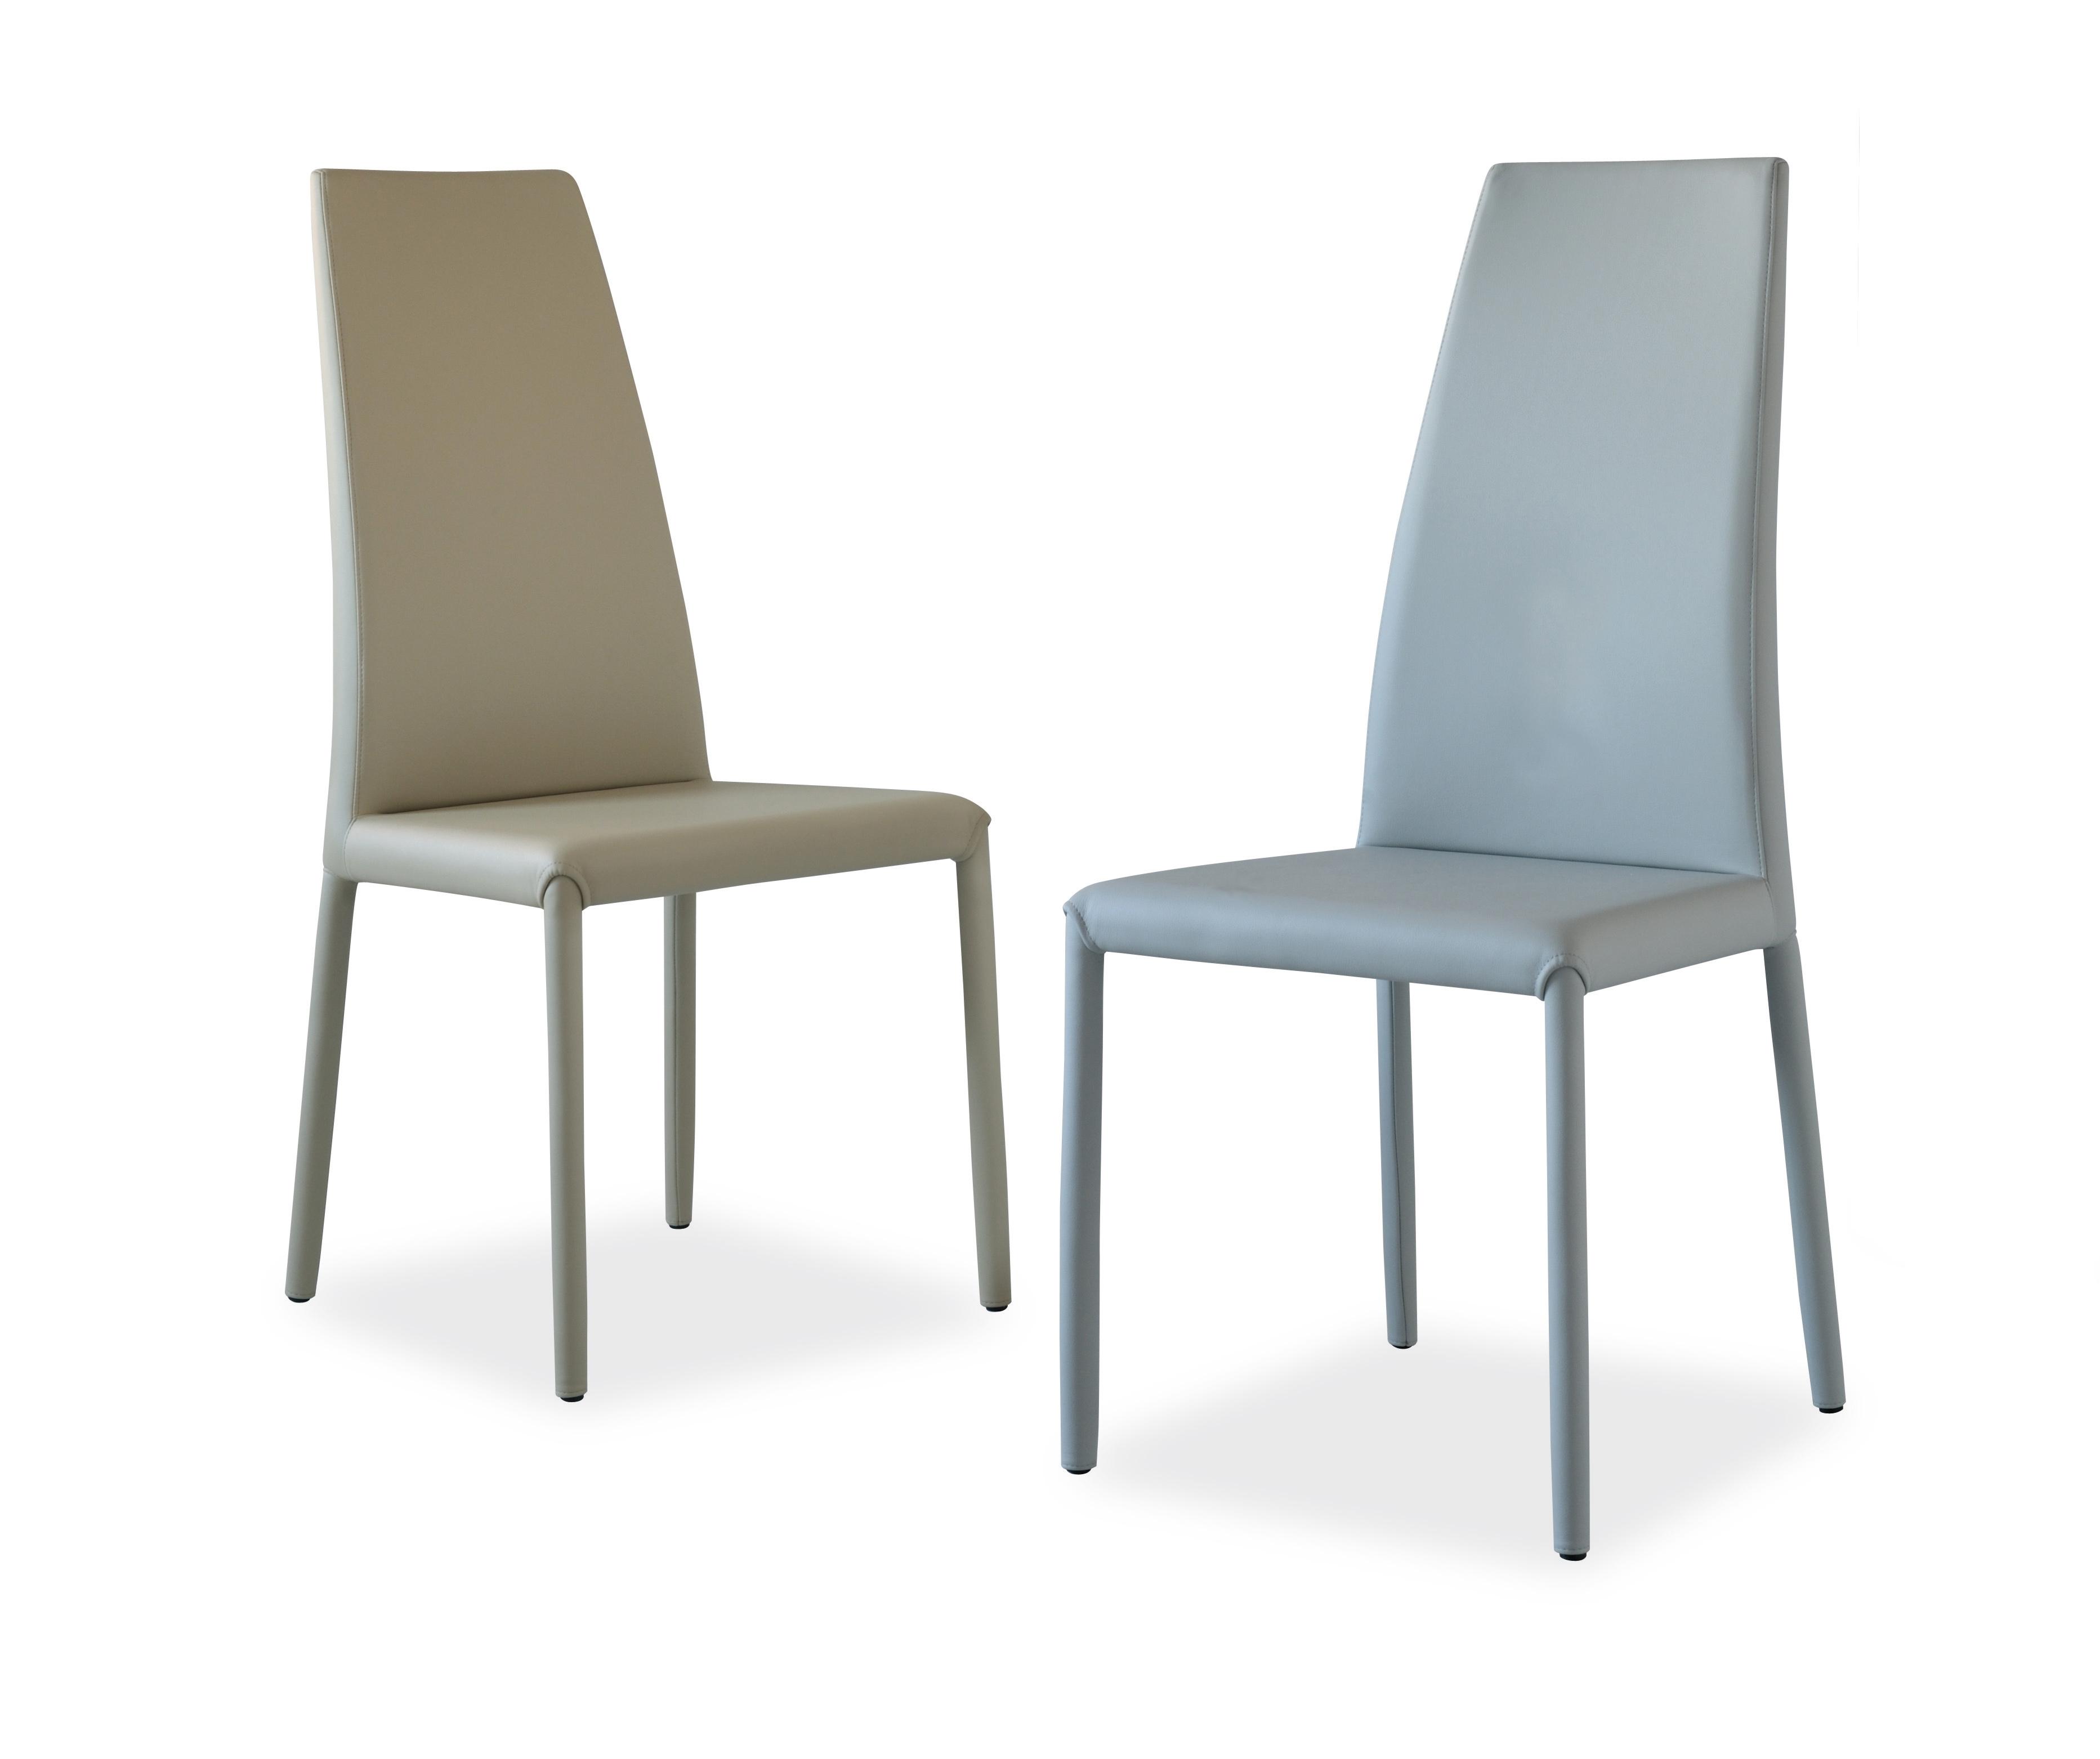 Sedia di design modello emi i scontata del 30 sedie a for Sedie design outlet